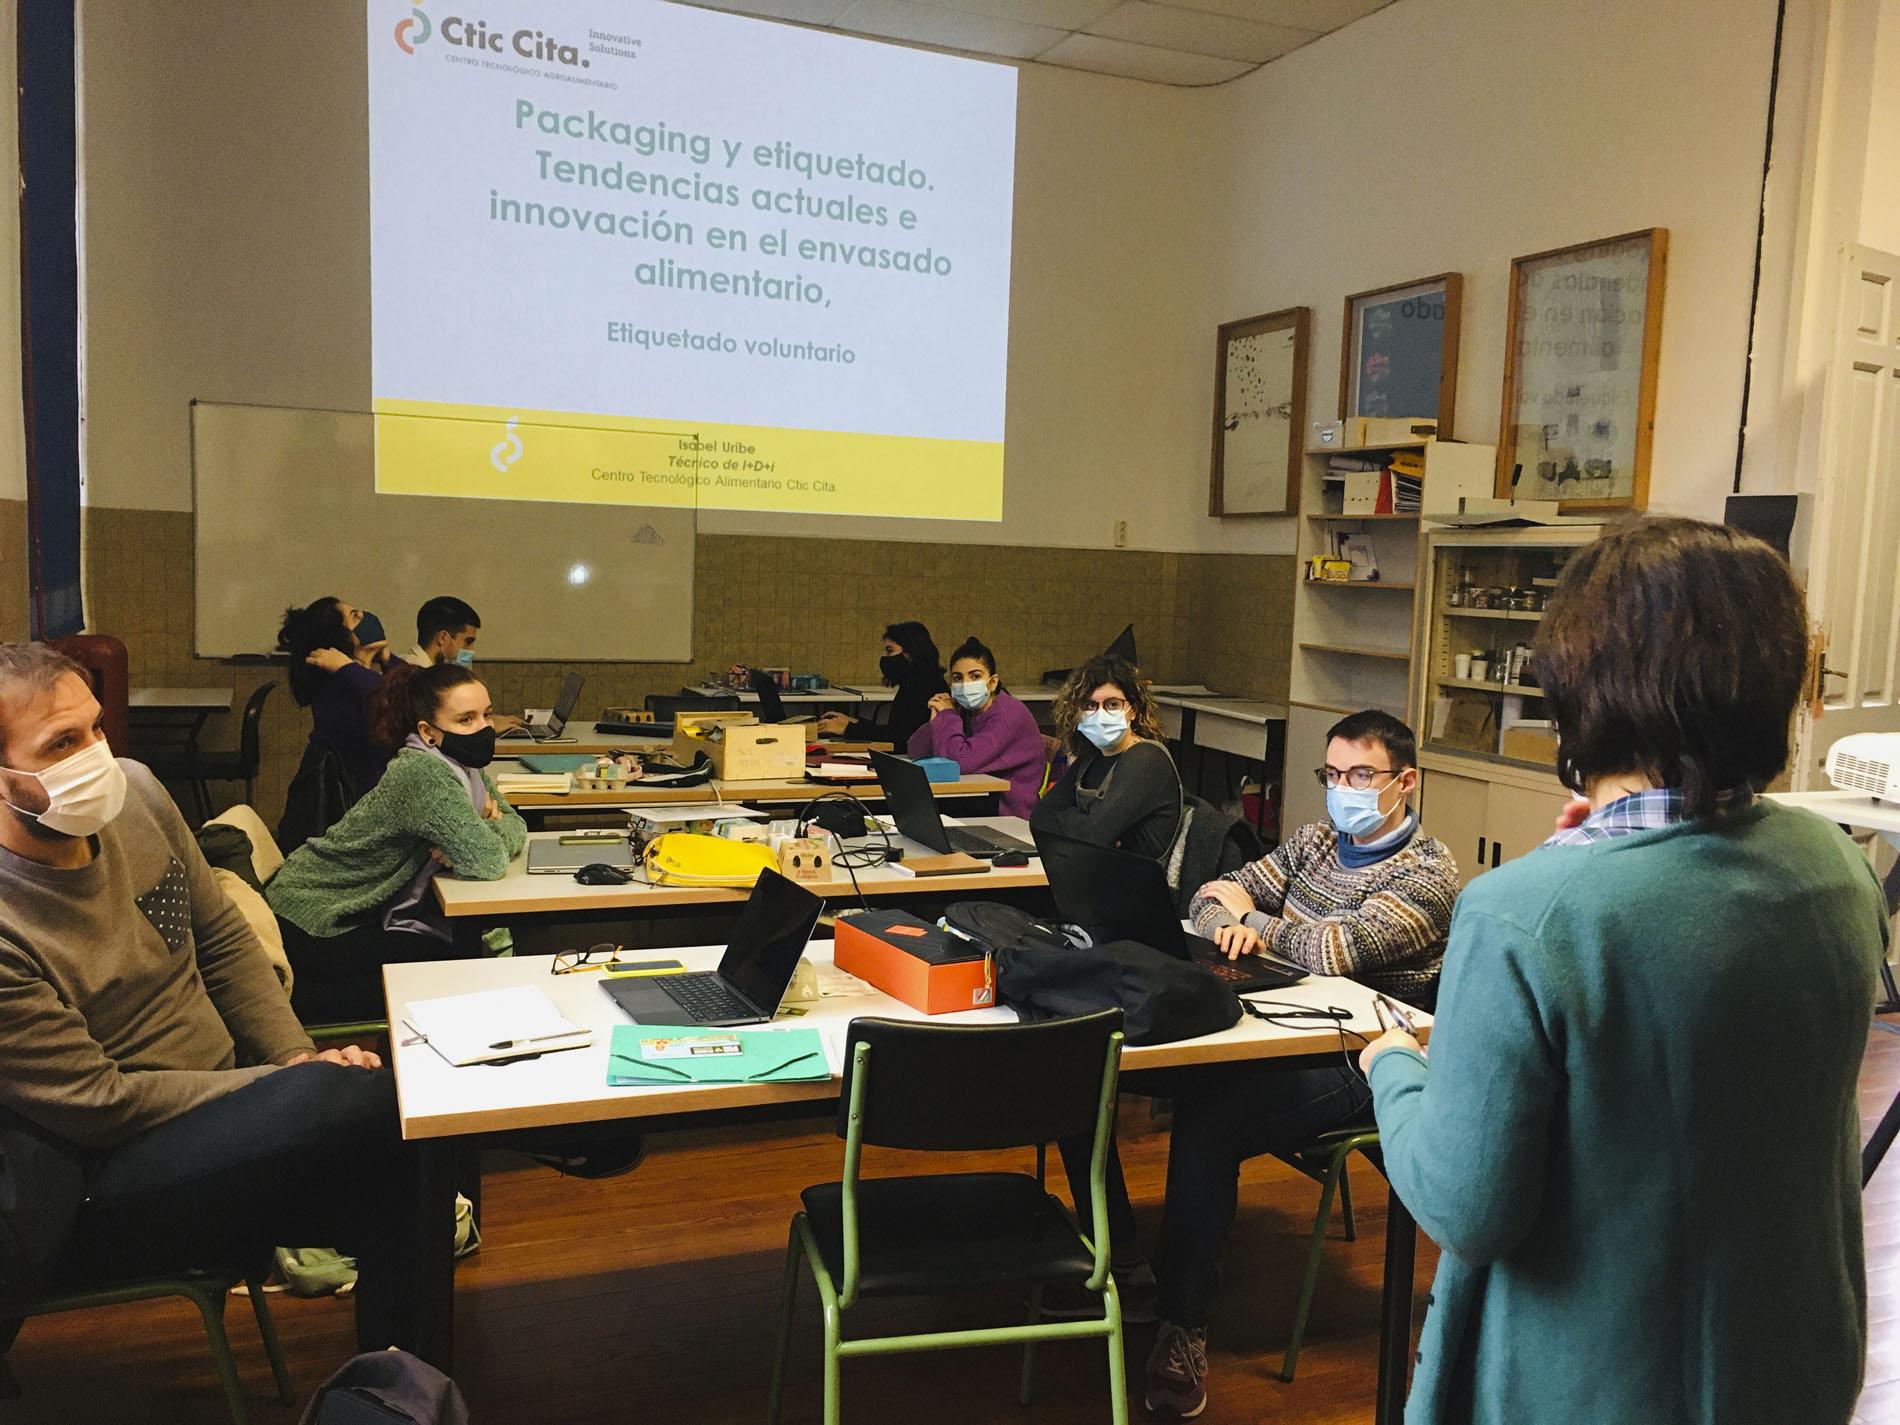 Segunda sesión sobre etiquetado y normativa con Isabel Uribe